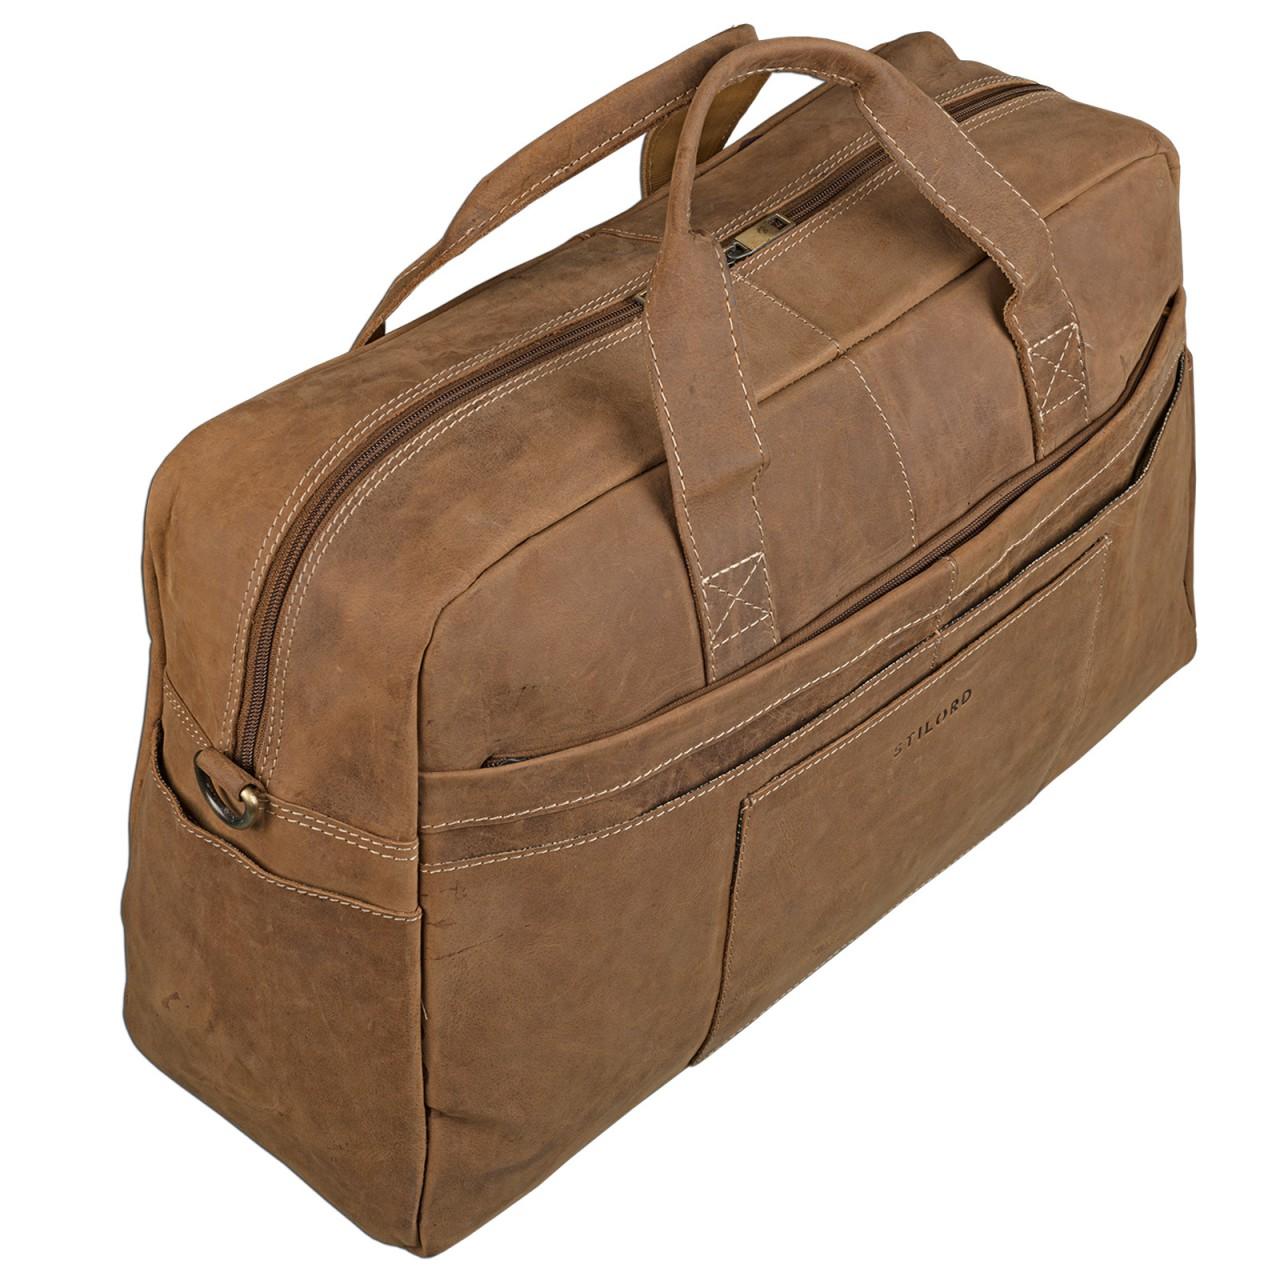 STILORD Vintage Reise Umhängetasche Herren Ledertasche Weekender für Flugzeug, Handgepäck in Kabinengröße, aus echtem Rinds Leder braun - Bild 3